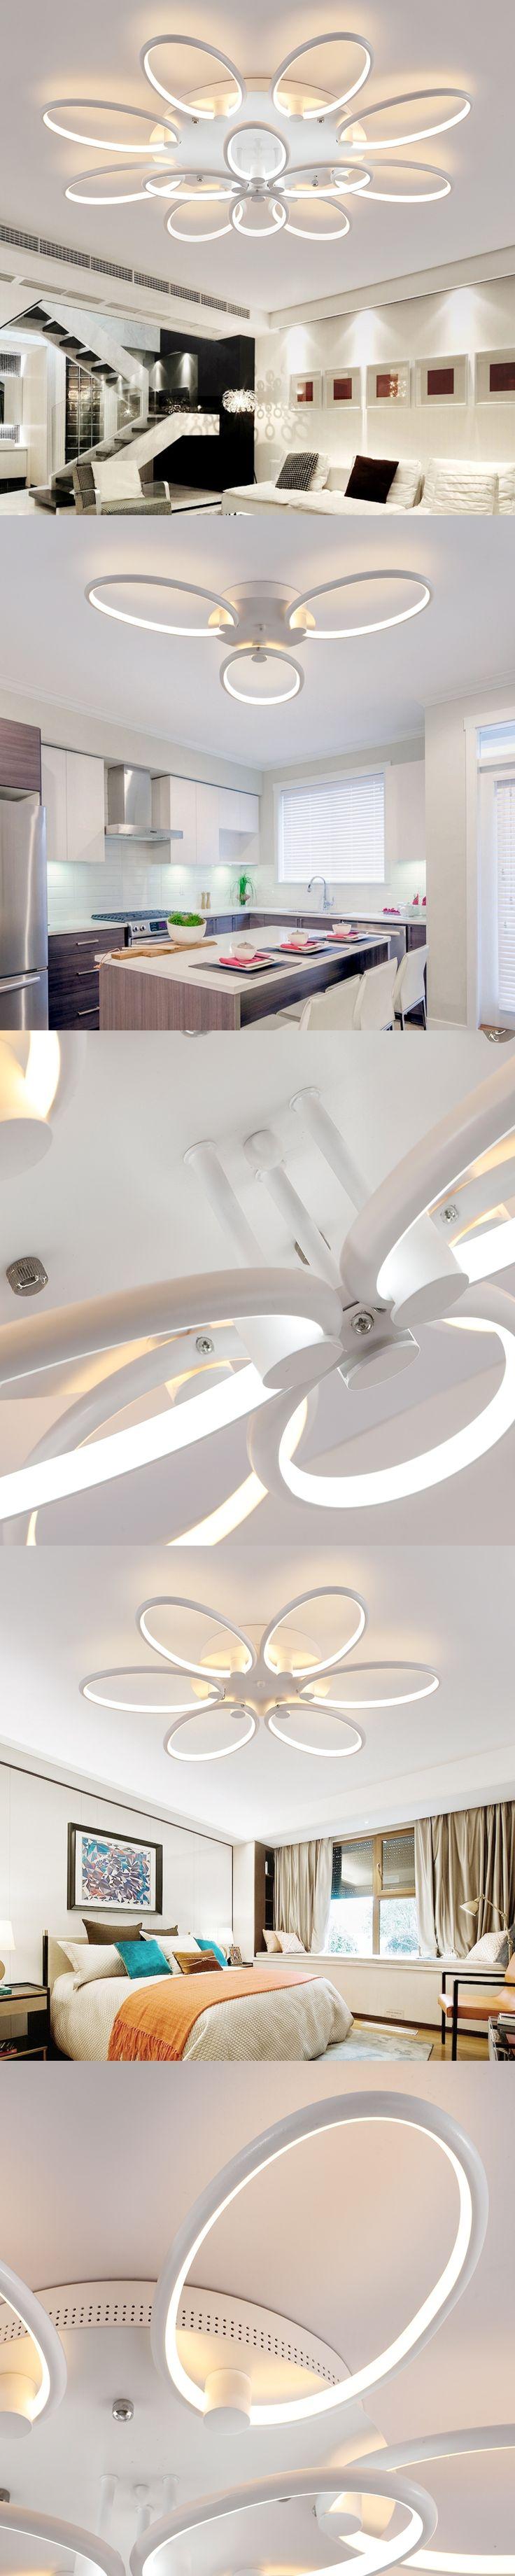 110-220v Aluminum Acryl Ceiling Lights Lamparas De Techo Lustre Led Lights For Home Plafondlamp Plafonnier Lustres De Teto 21